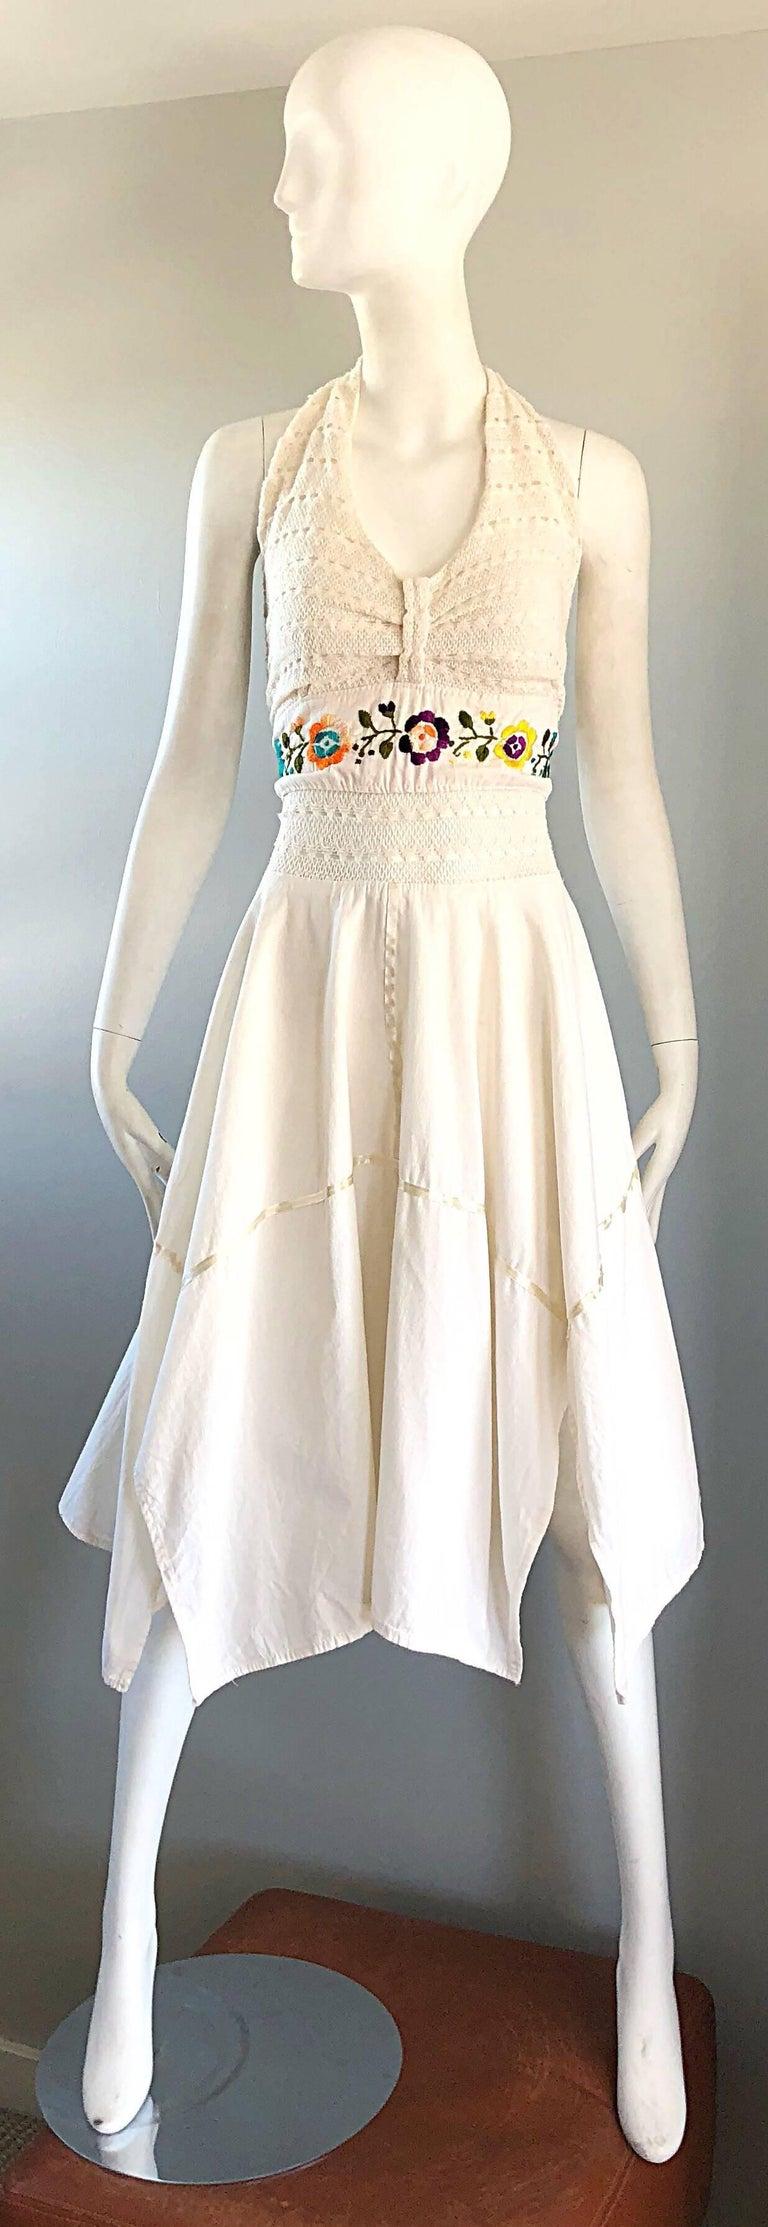 Beige Amazing 1970s Ivory Cotton Embroidered Handkerchief Hem Vintage 70s Halter Dress